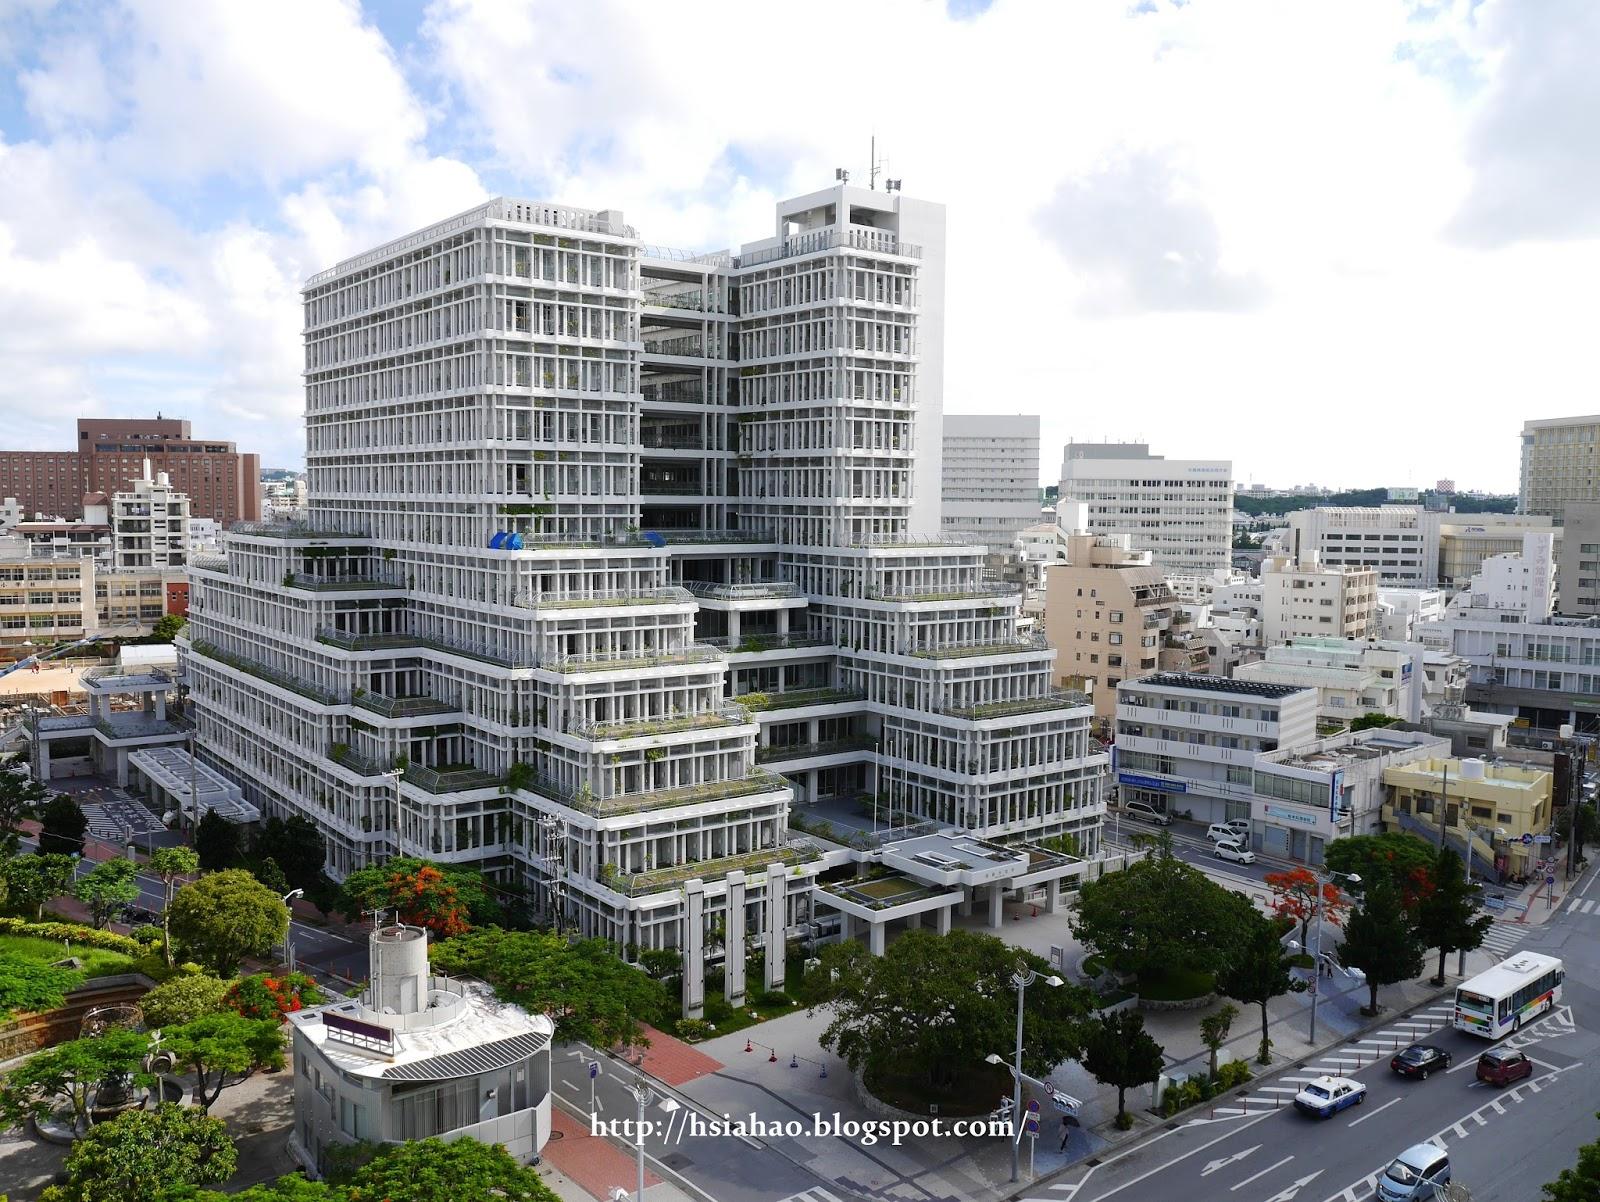 沖繩-國際通-縣廳前-逛街-購物-景點-自由行-Okinawa-kokusaidori